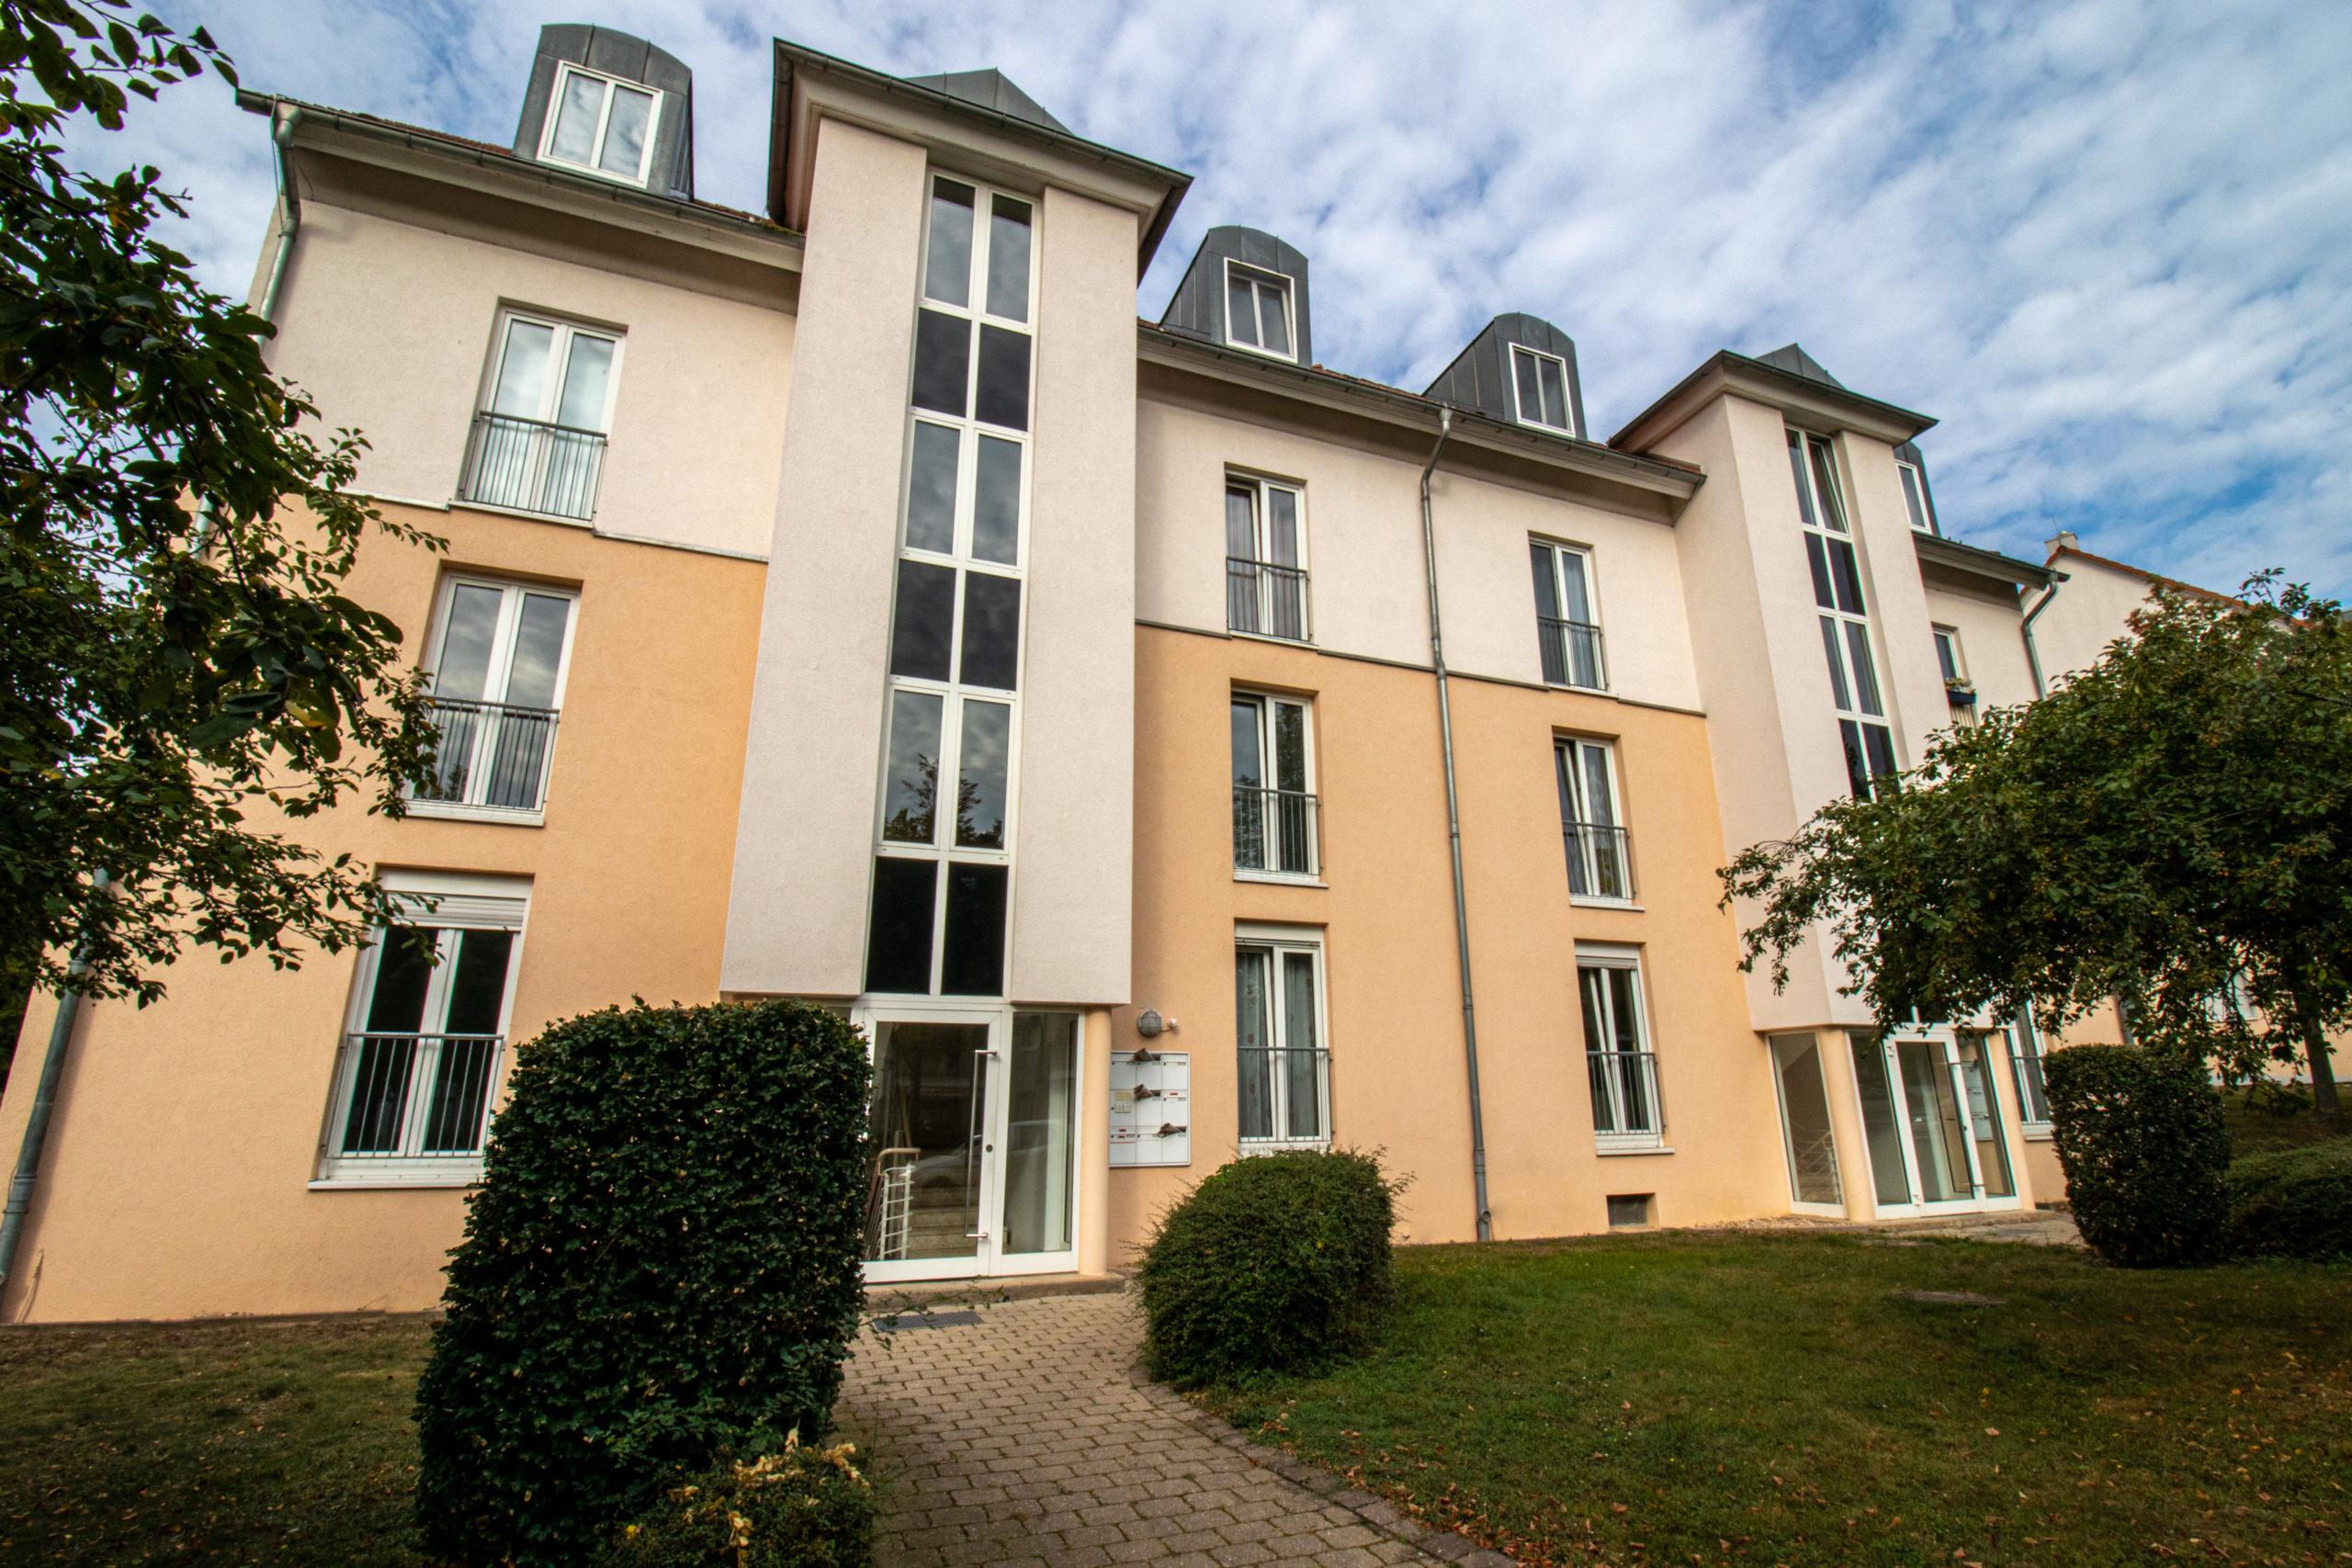 Dachgeschosswohnung mit zwei Zimmern sowie Dachterrasse und Einbauküche in Magdeburg